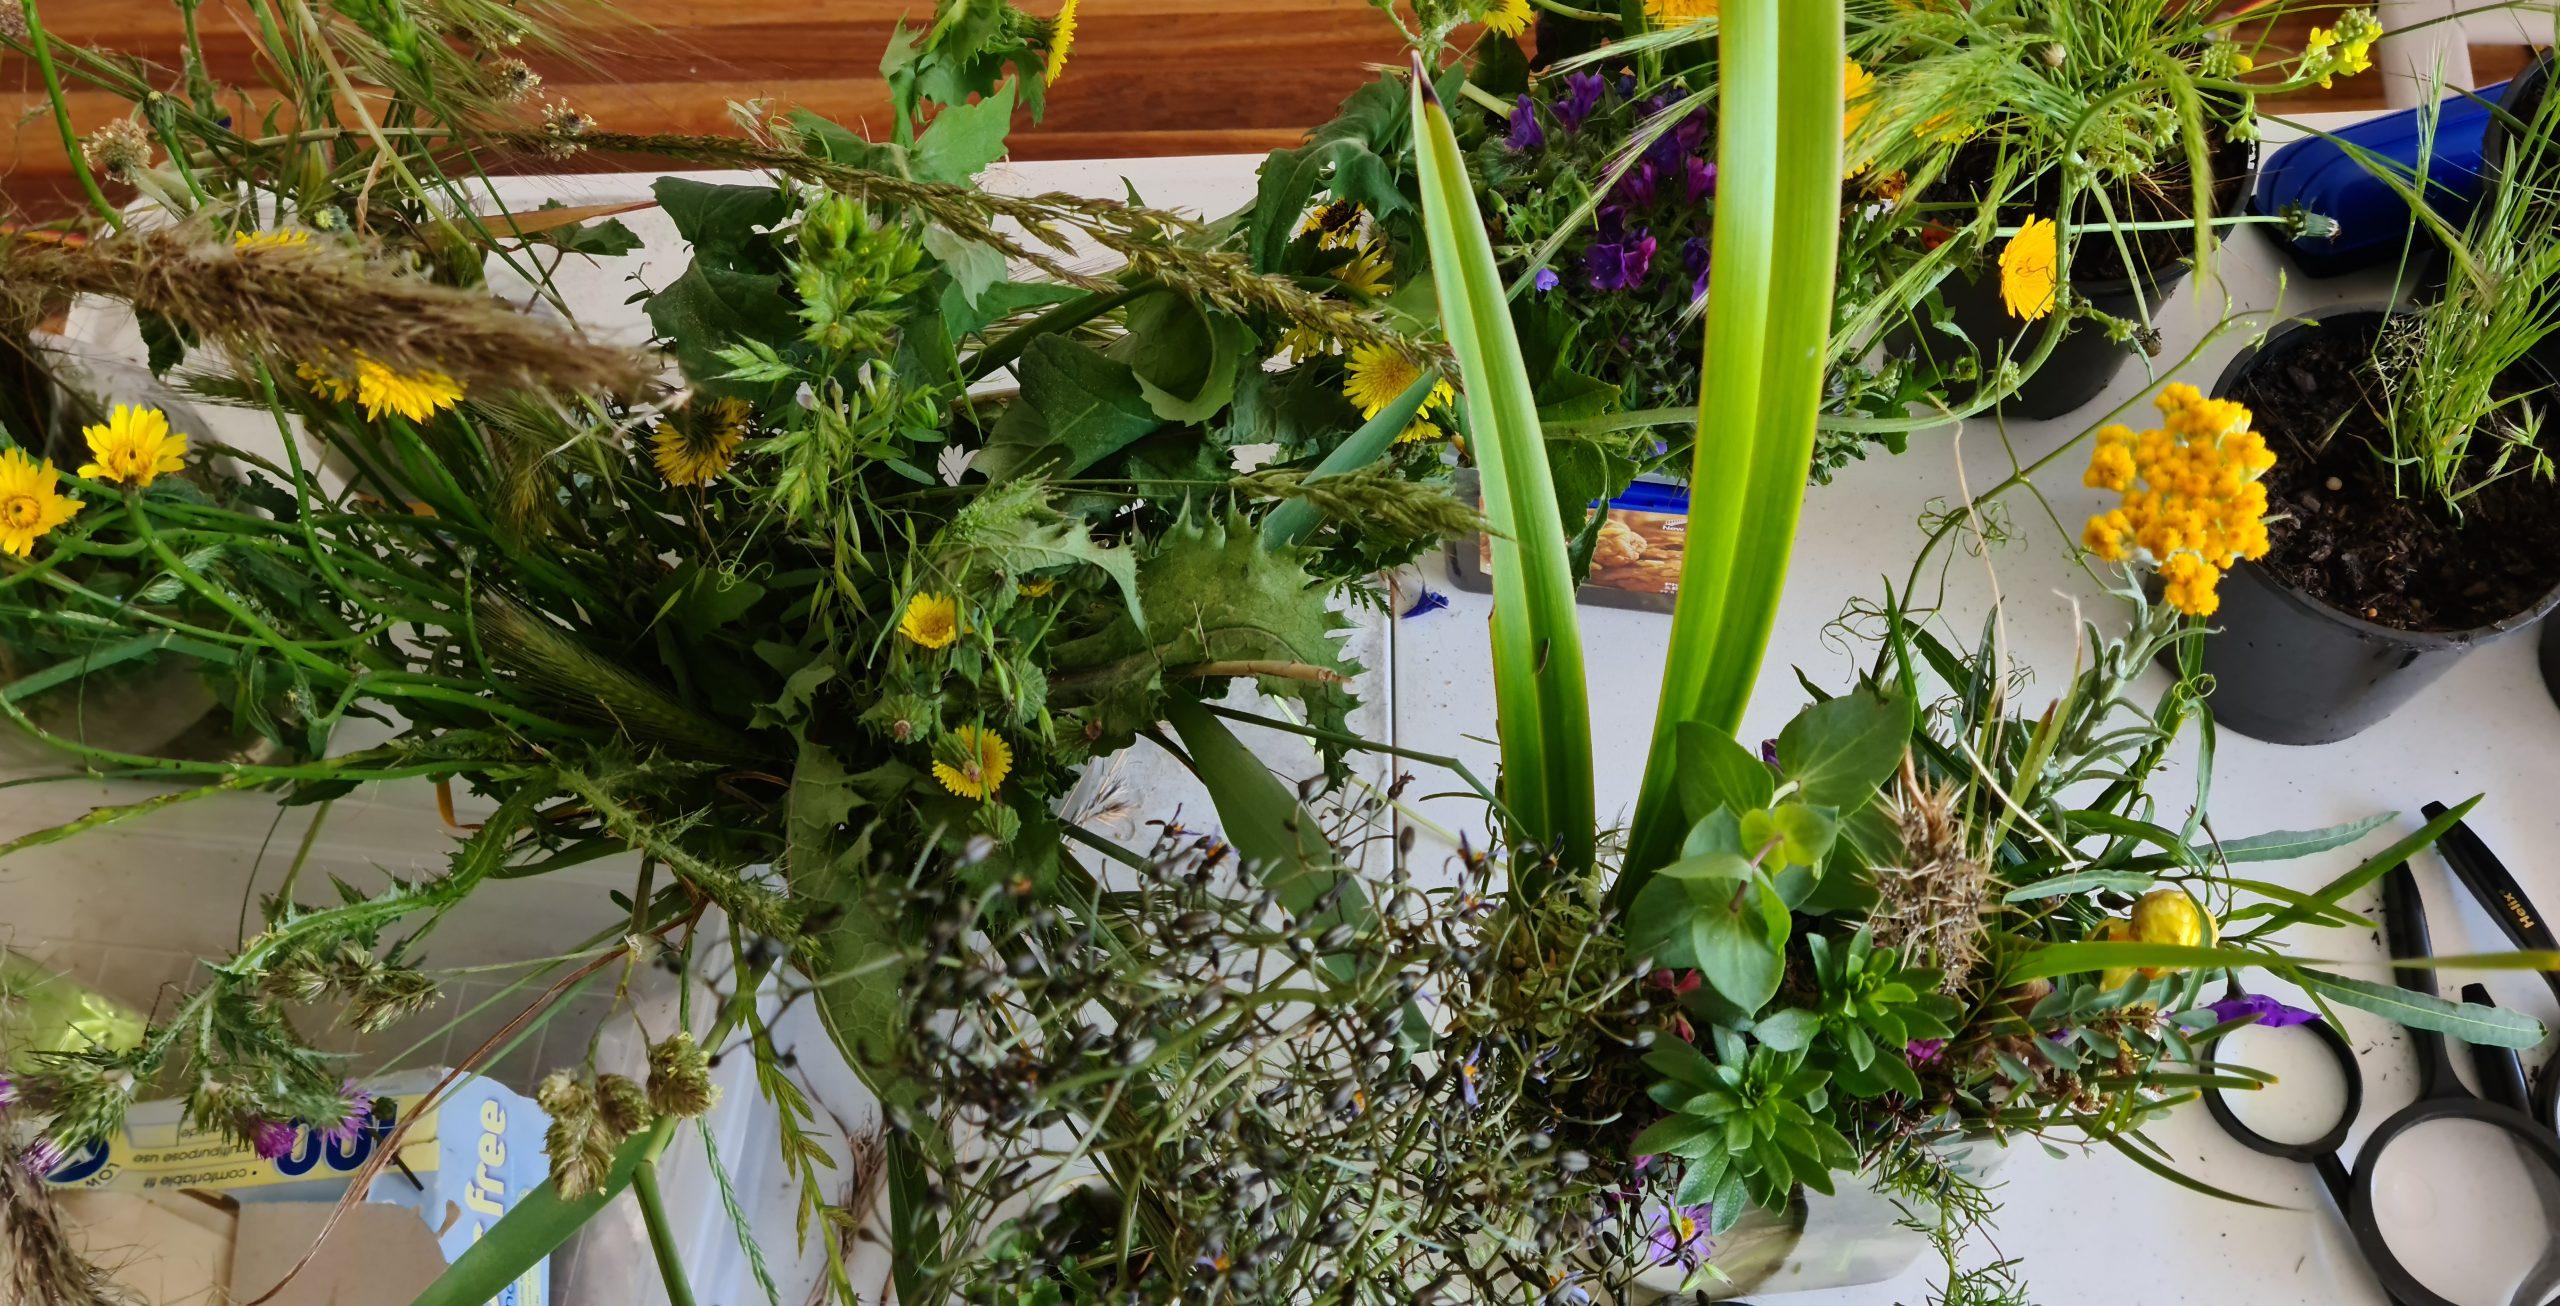 Local Grass Identification Workshop